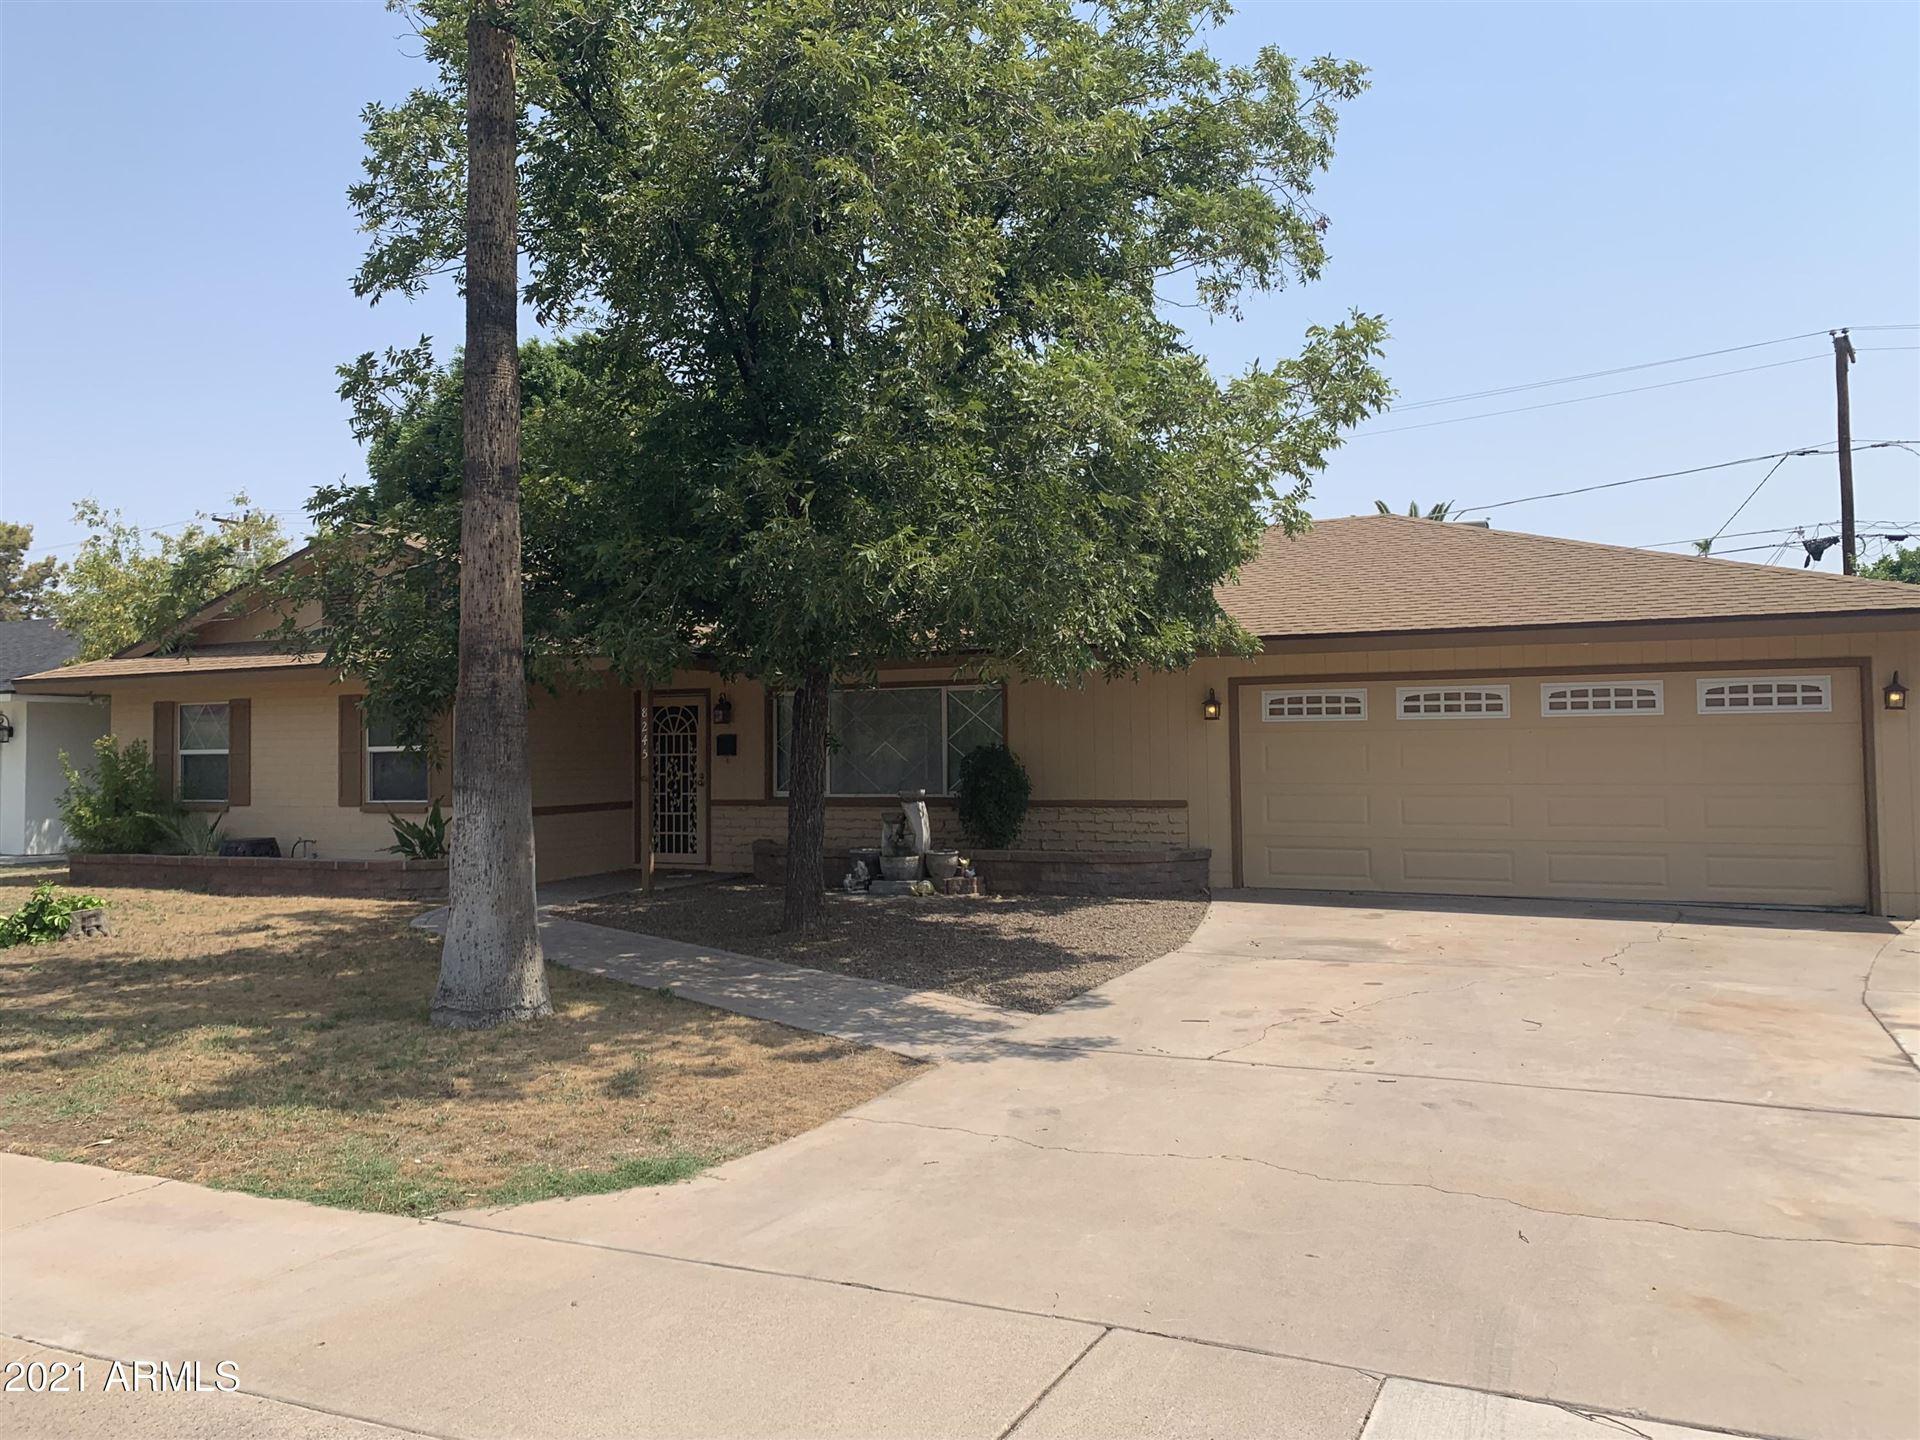 Photo of 8245 E EDGEMONT Avenue, Scottsdale, AZ 85257 (MLS # 6263378)